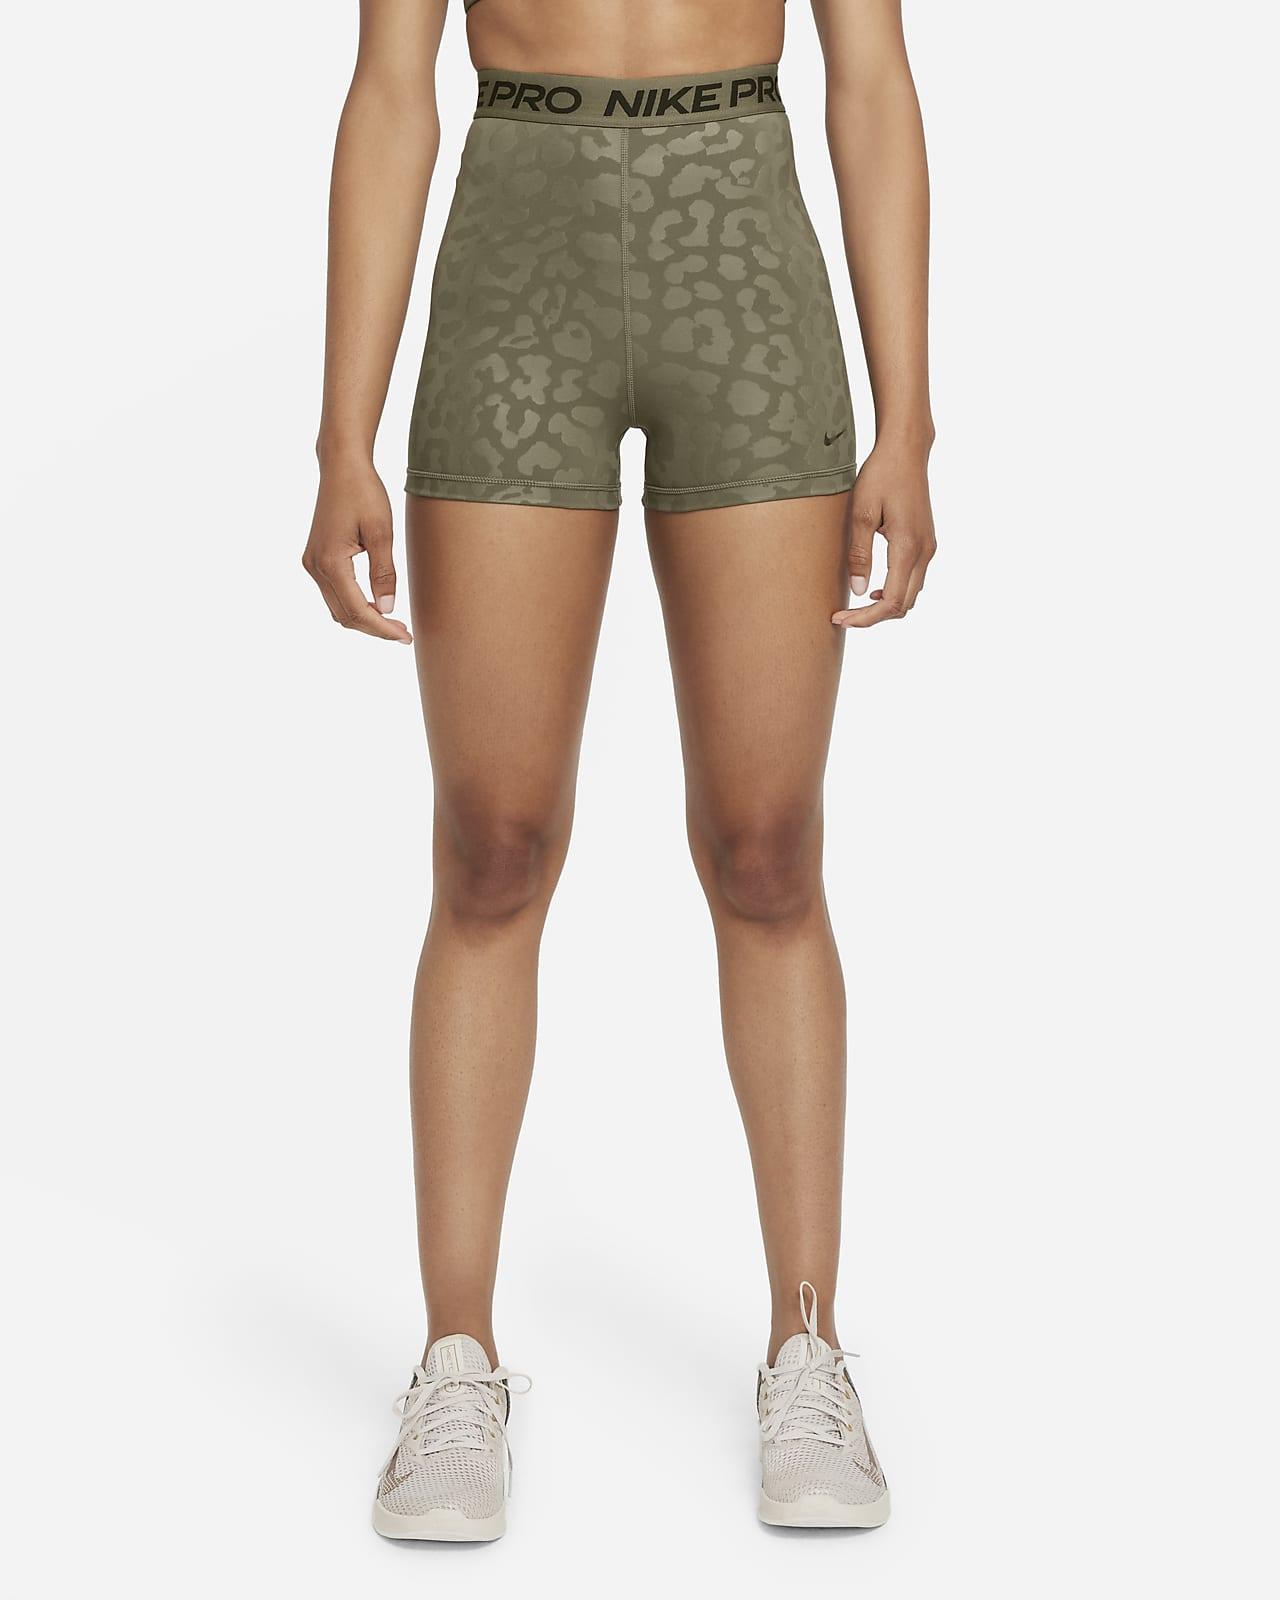 Shorts estampados de tiro alto de 8 cm para mujer Nike Pro Dri-FIT